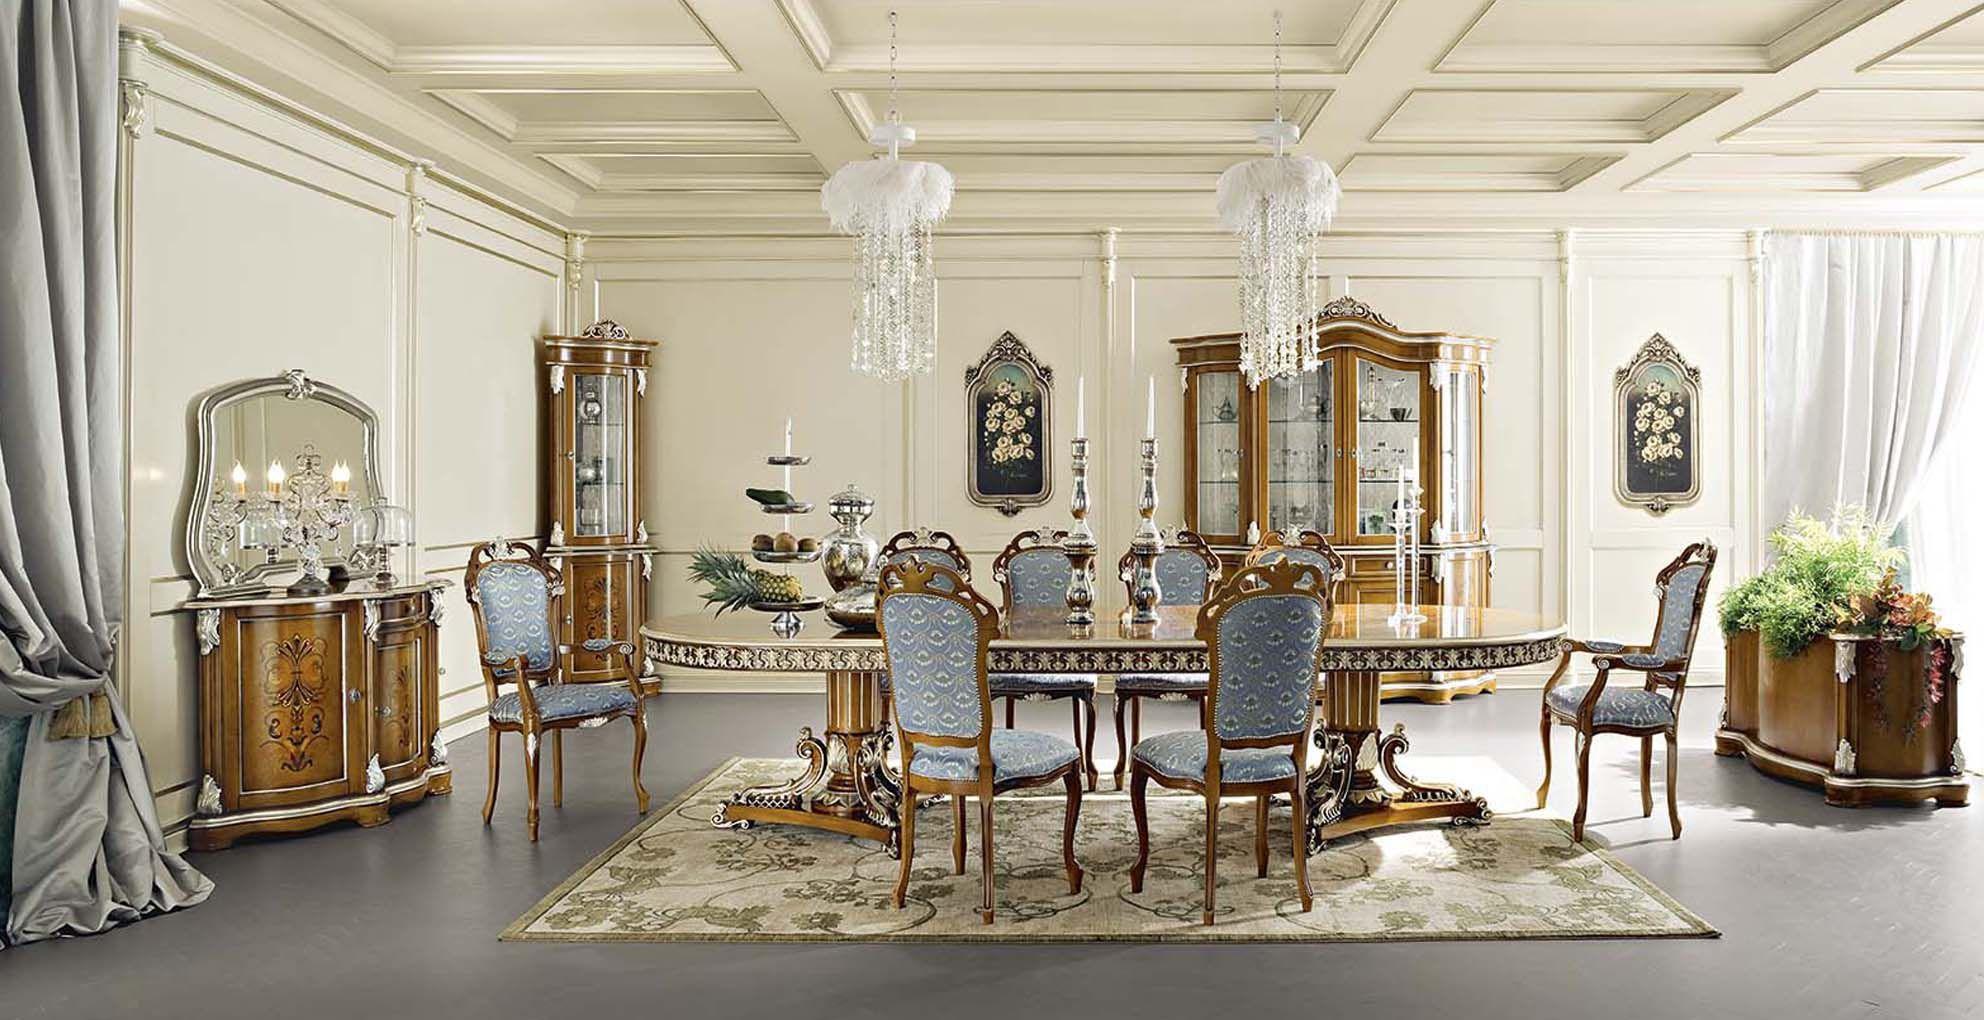 La Bella Vita Credenza : Tavolo da pranzo in stile legno rettangolare tondo bella